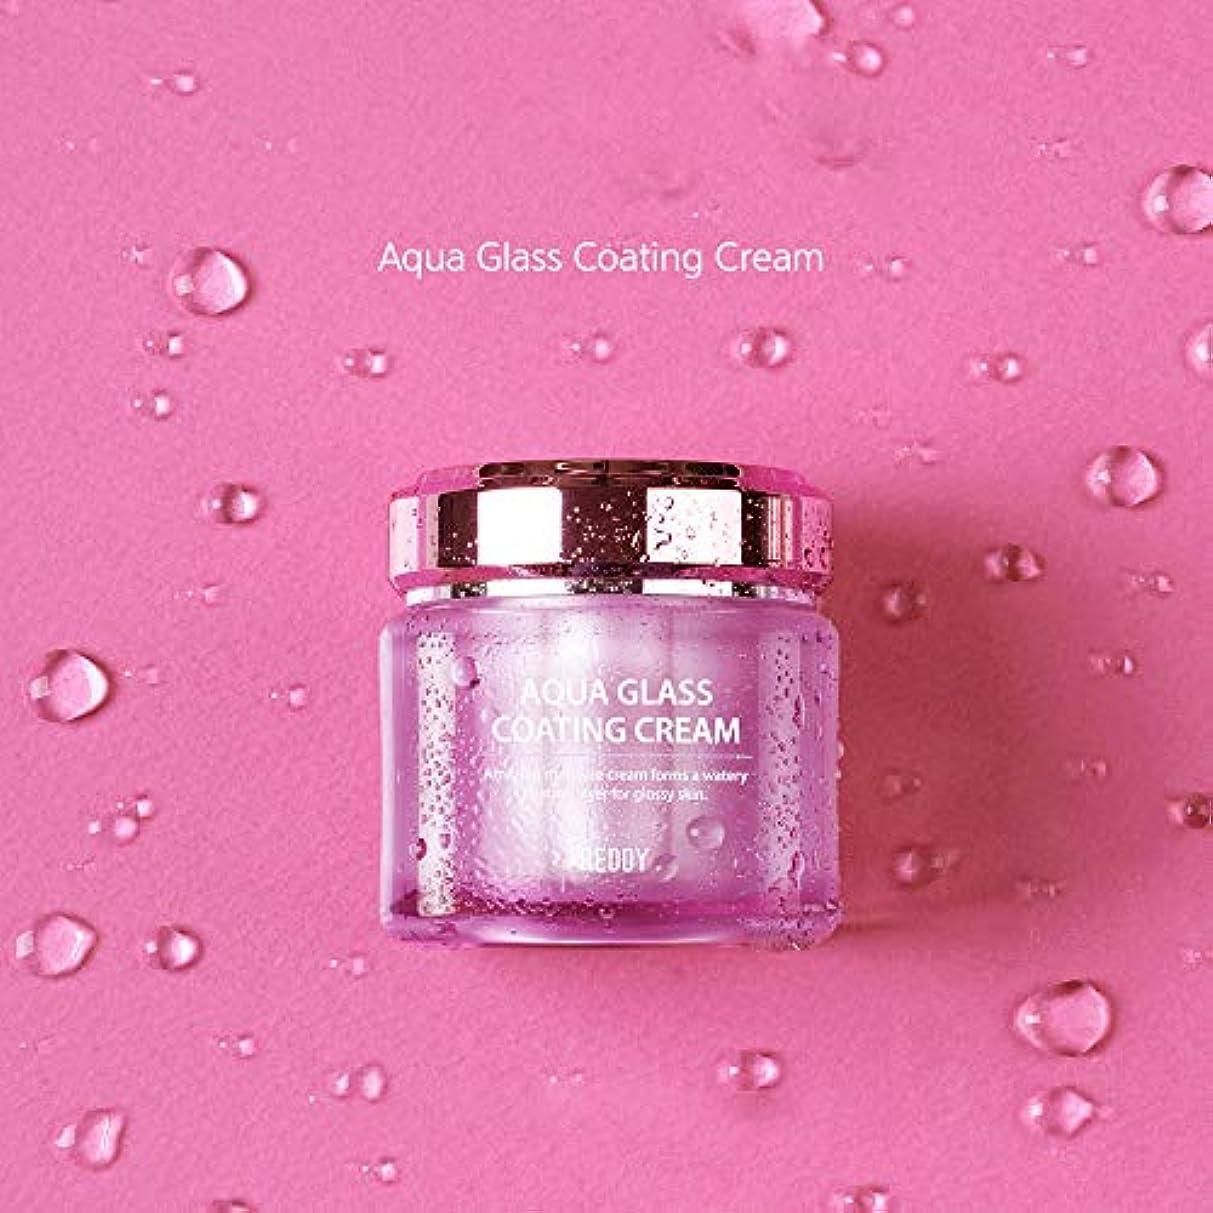 光沢権利を与える返還REDDY (レディ)(AQUA GLASS COATING CREAM)アクアグラス コーティング クリーム 50g